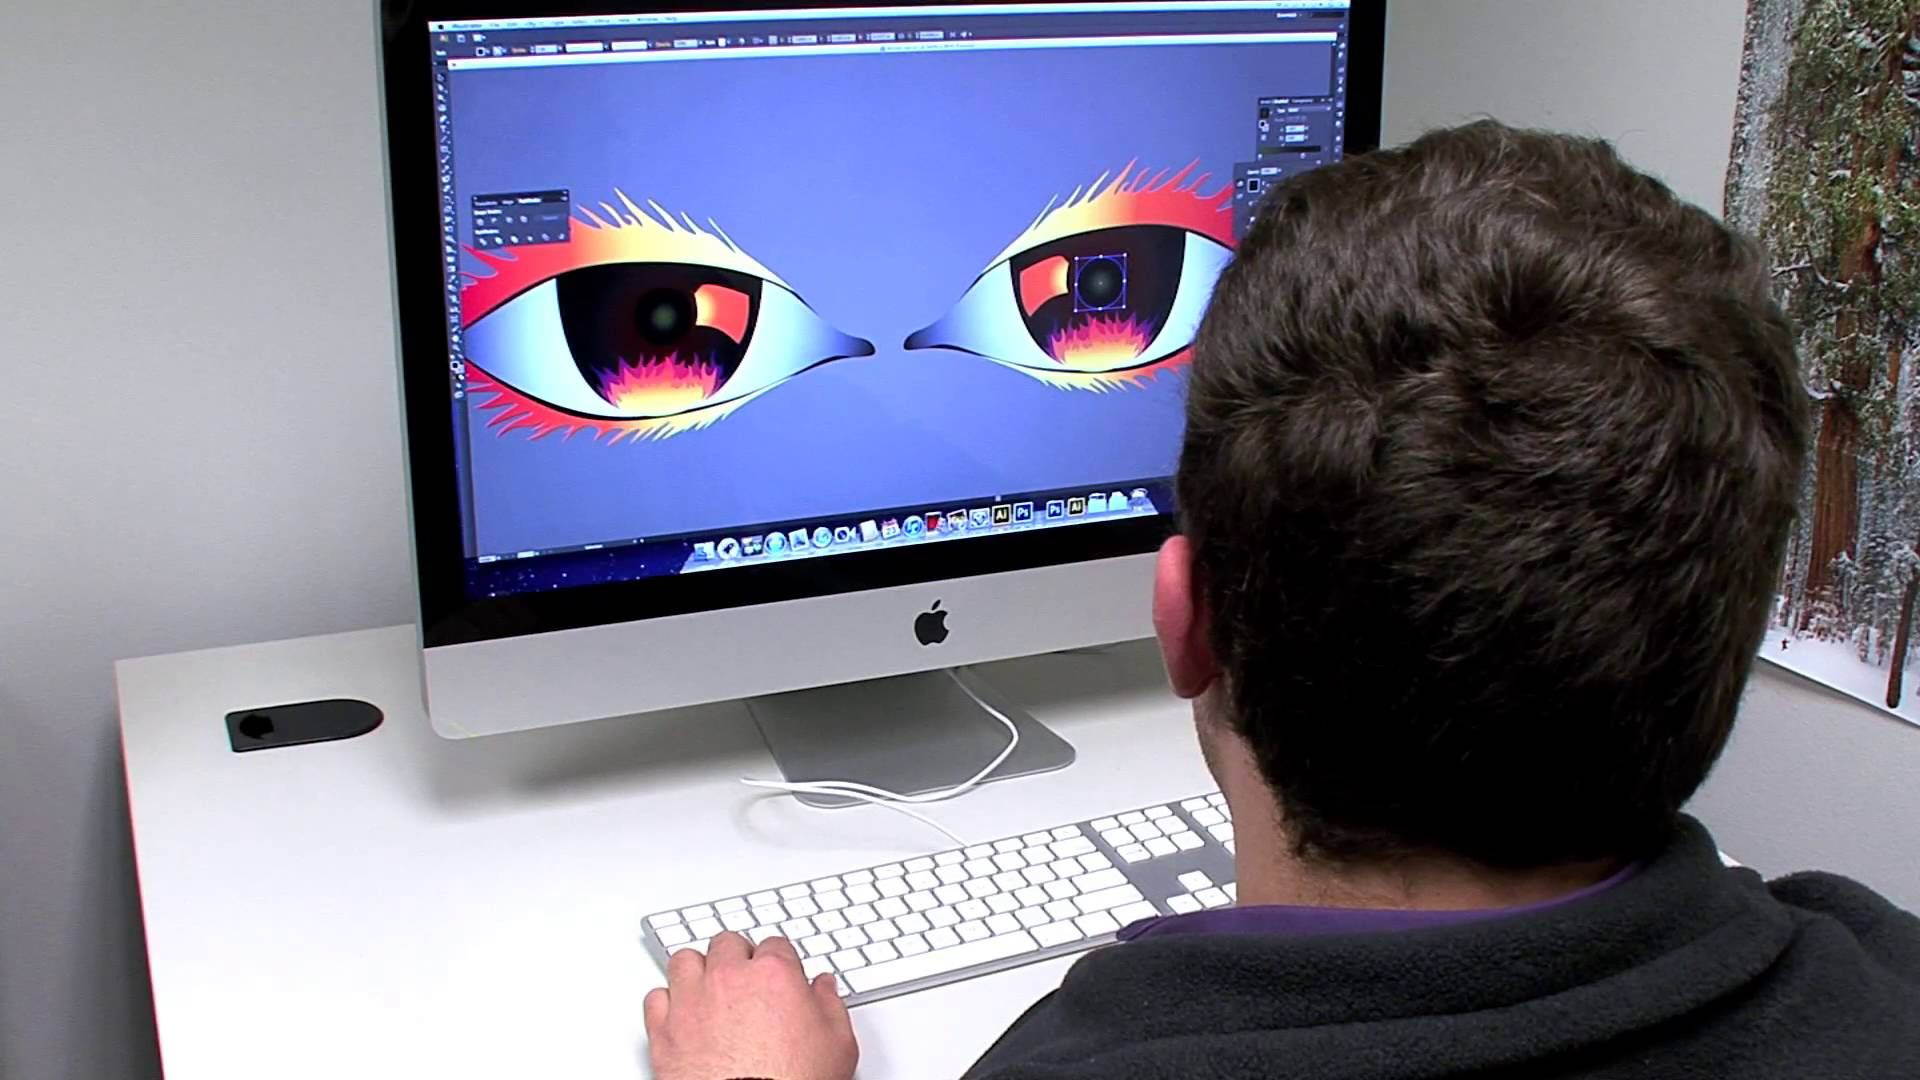 занимаемся строительством как стилизовать фотографию в компьютере словами, фотограф должен